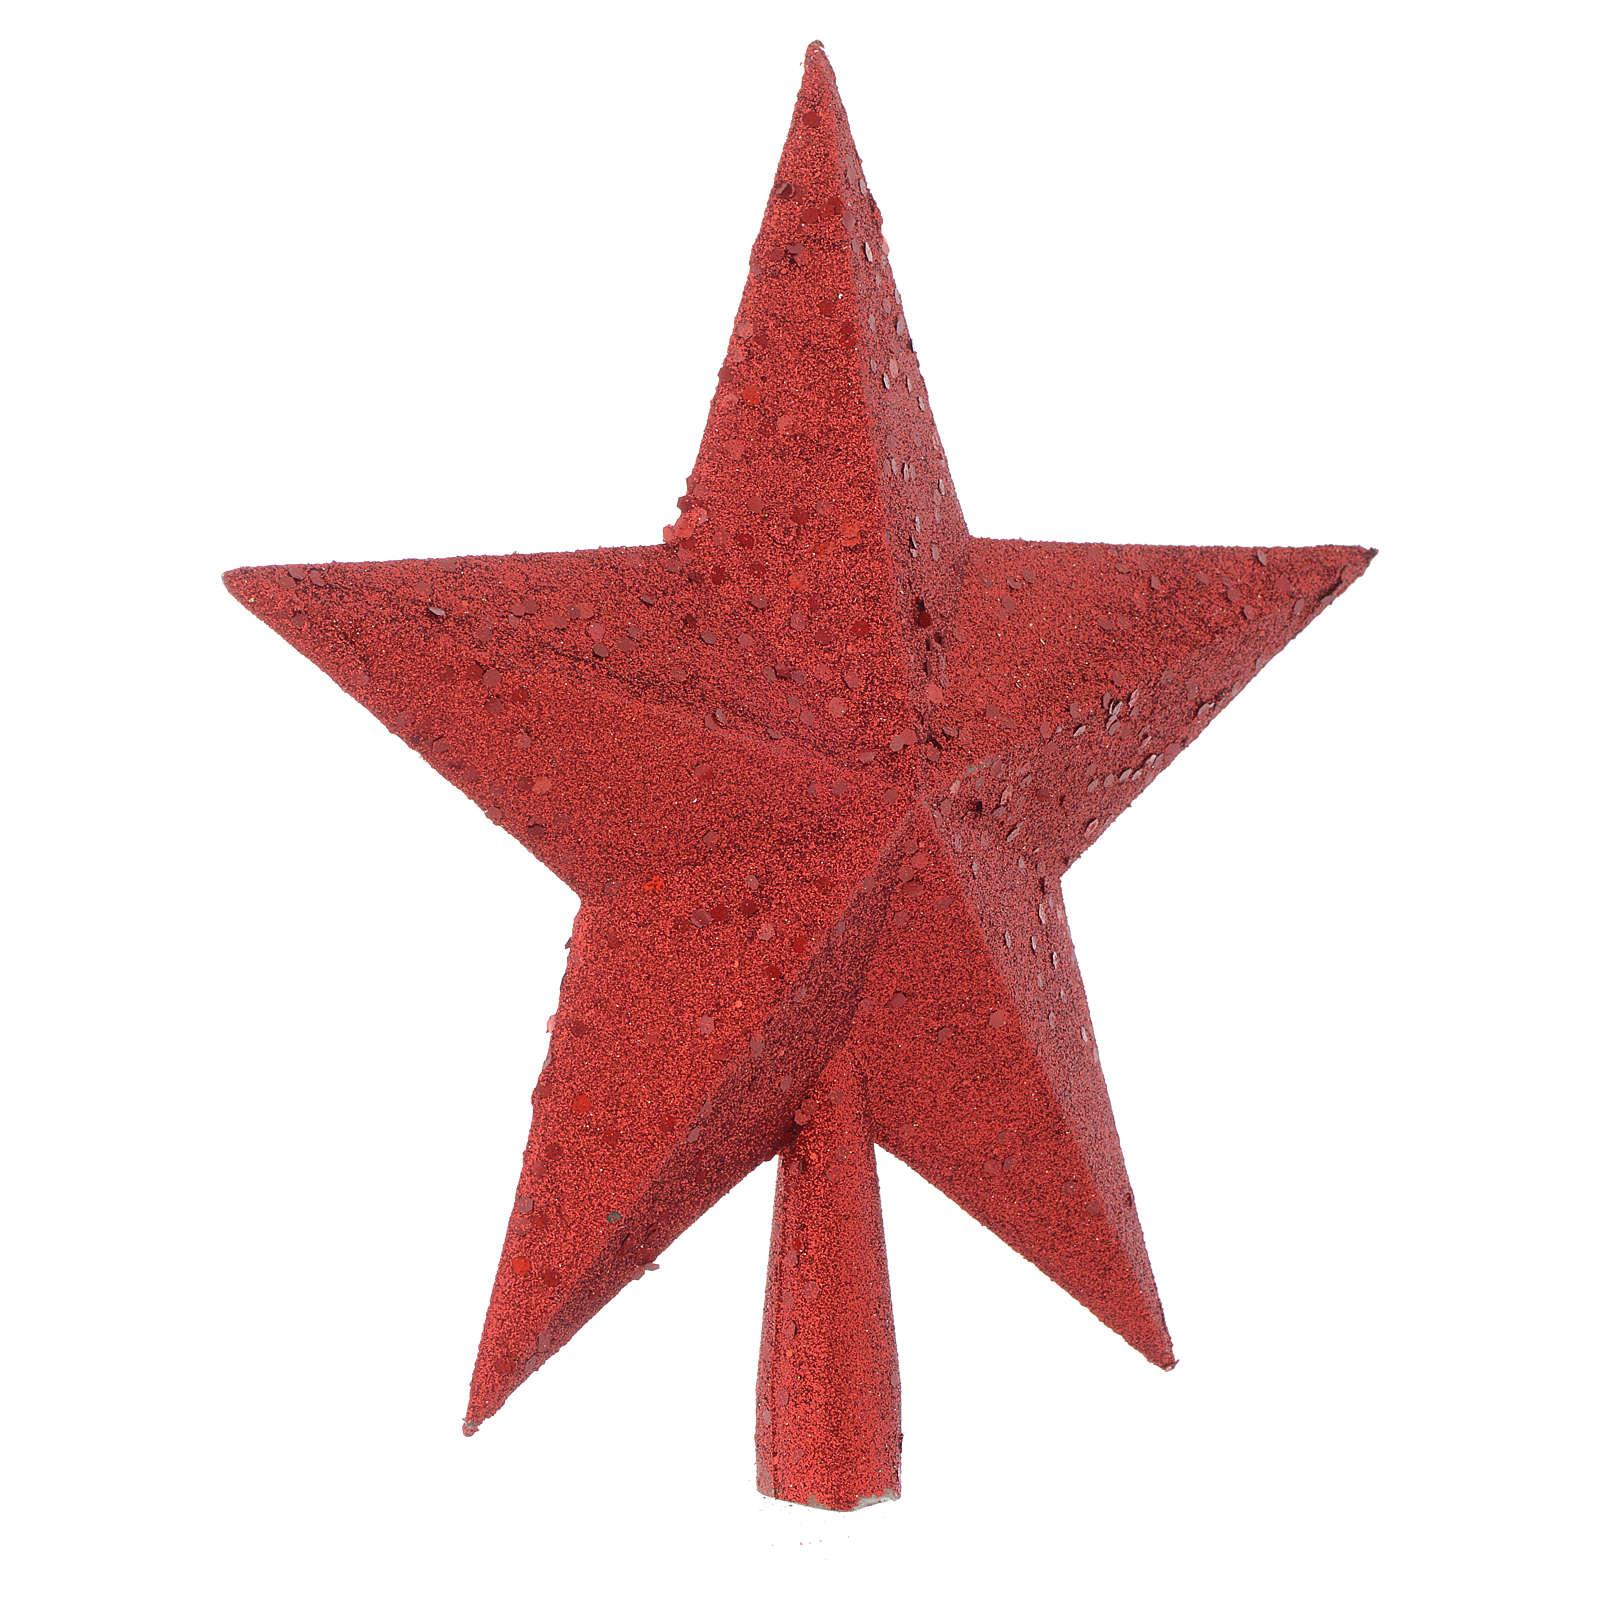 Punta Árbol de Navidad Estrella con glitter rojo 4